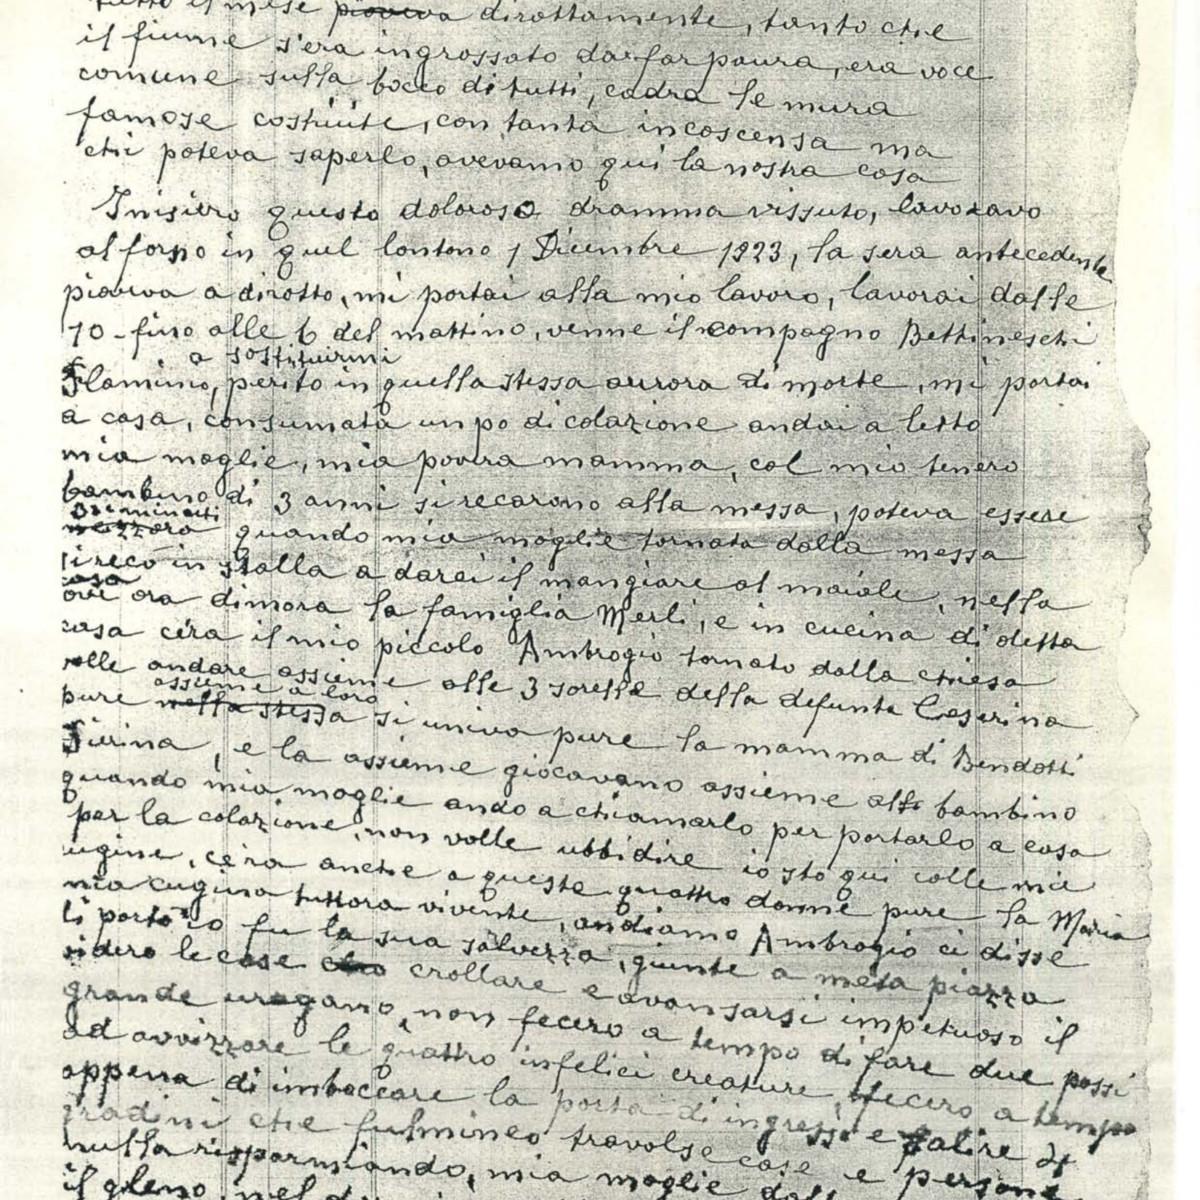 Lettera di Dossi Giacomo_01